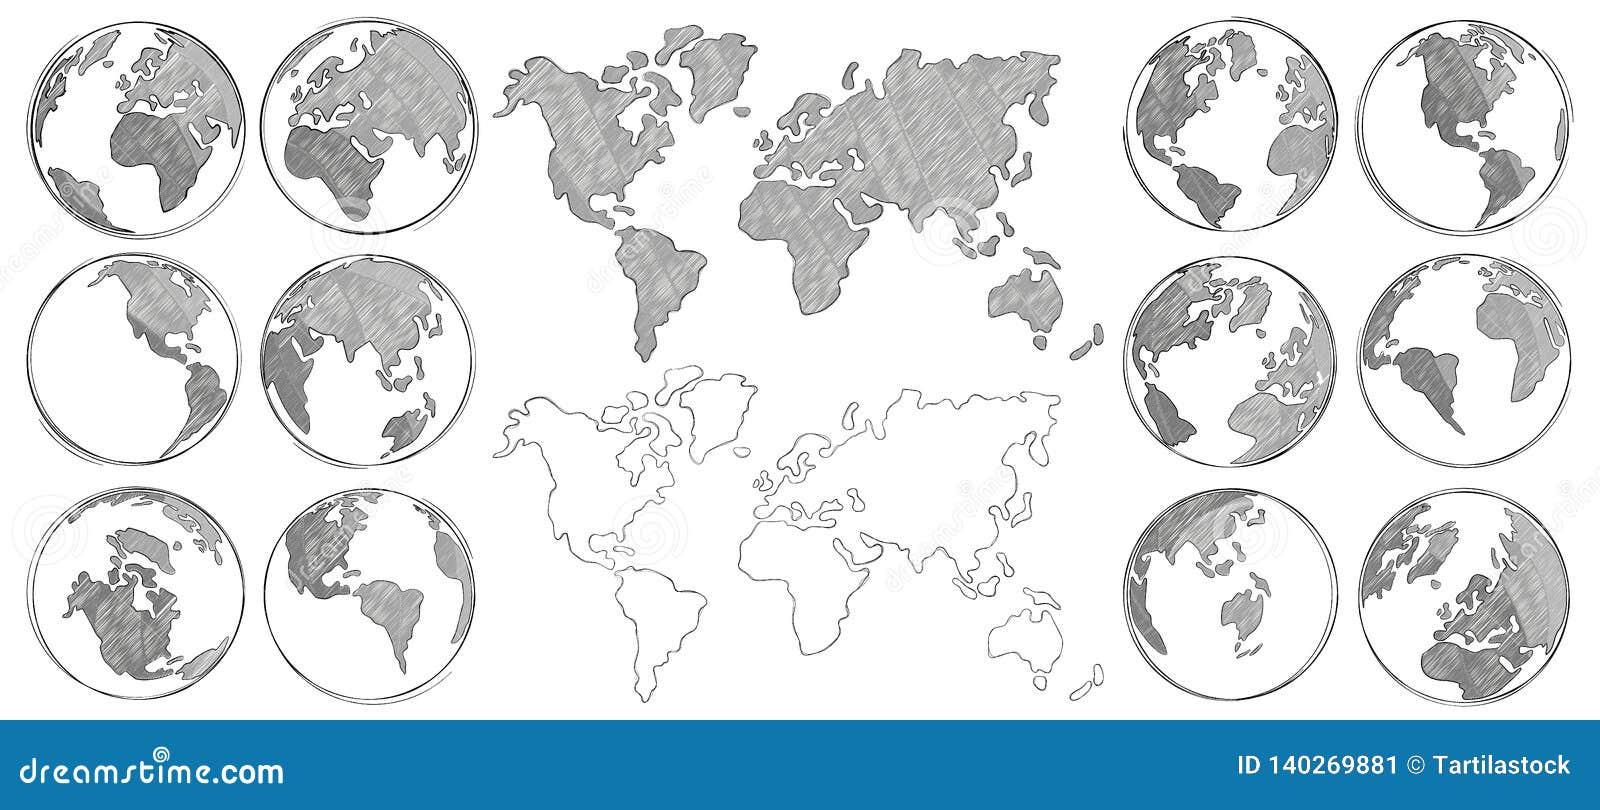 Übersichtskarte Handgezogene Erdkugel, zeichnende Weltkarten und lokalisierte Vektorillustration der Kugeln Skizzen